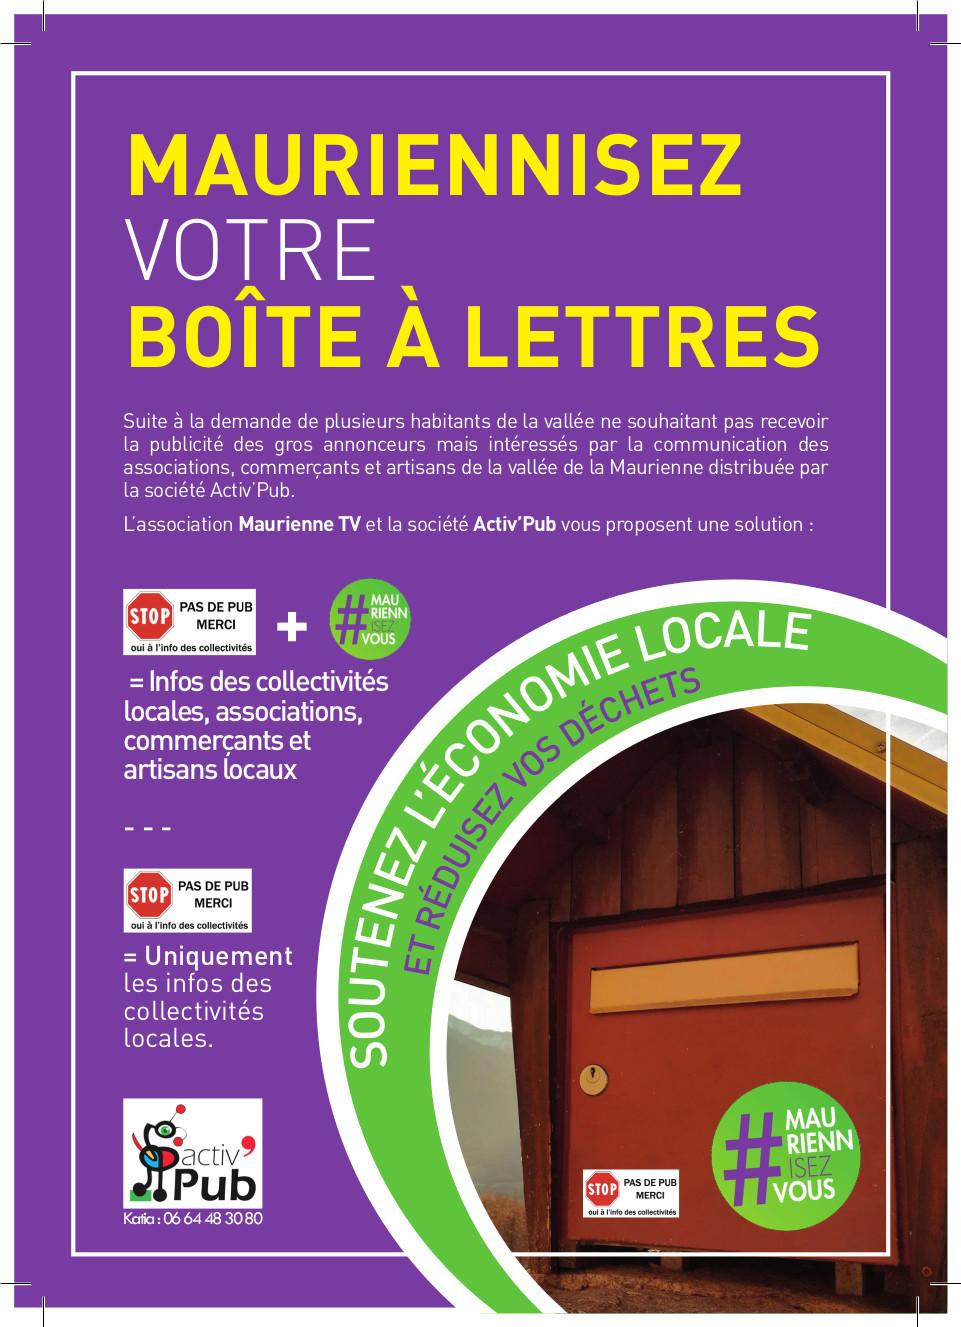 Distribution d'autocollants #mauriennisezvous pour toutes les boites à lettres de la vallée de la Maurienne